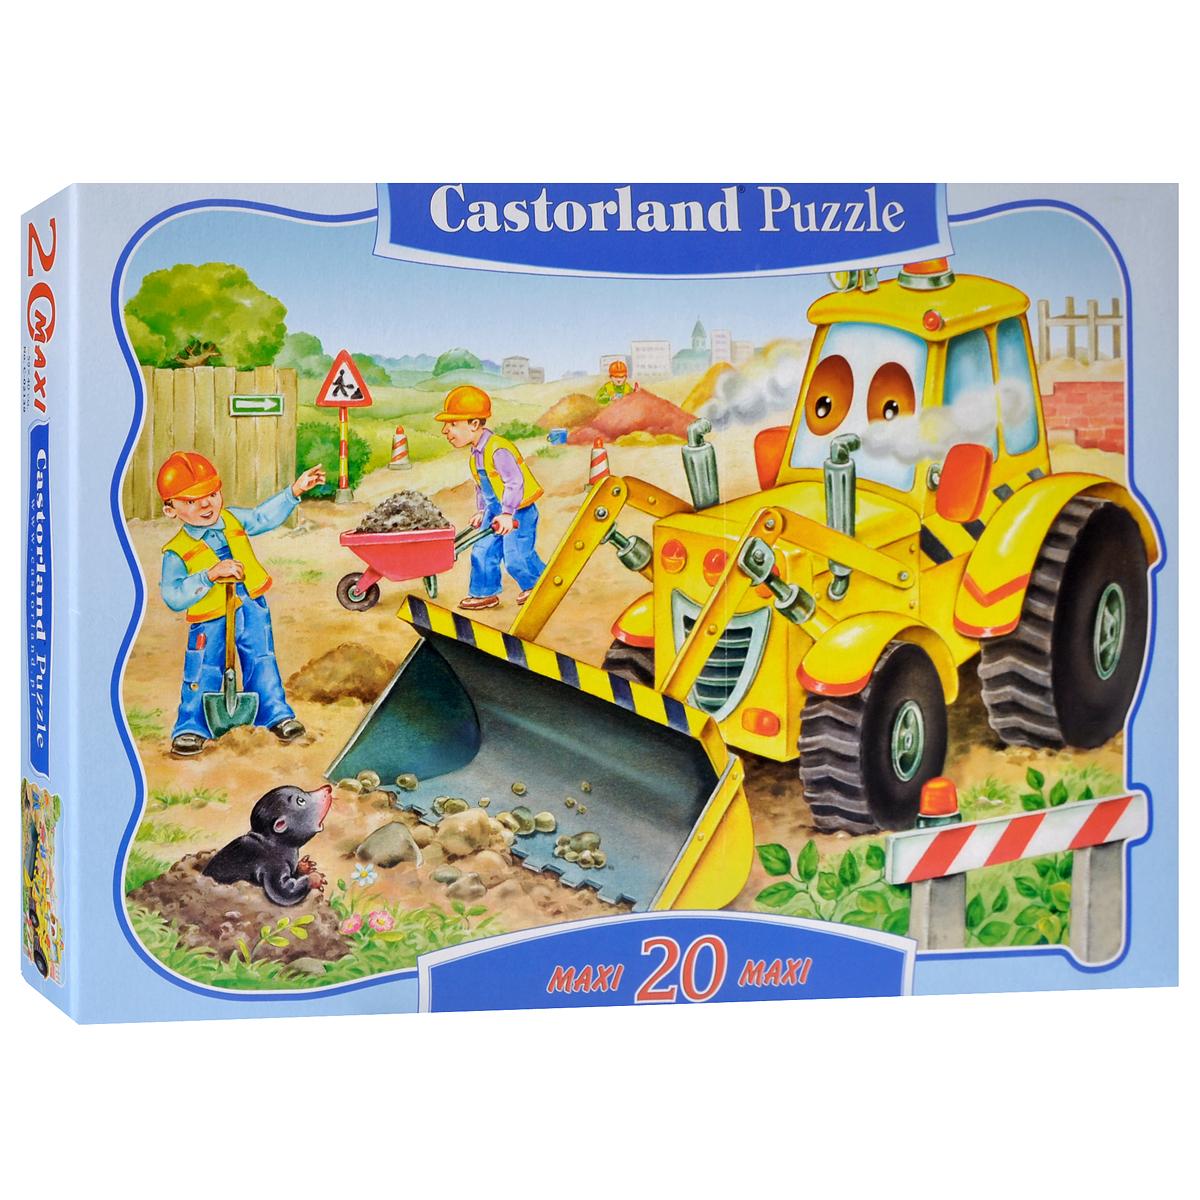 Castorland Пазл для малышей БульдозерС-02139Пазл Бульдозер, без сомнения, придется по душе вашему ребенку. Собрав этот пазл, включающий в себя 20 крупных элементов, он получит яркую картинку с изображением веселого бульдозера, а также строителей. Пазлы - прекрасное антистрессовое средство для взрослых и замечательная развивающая игра для детей. Собирание пазла развивает у ребенка мелкую моторику рук, тренирует наблюдательность, логическое мышление, знакомит с окружающим миром, с цветом и разнообразными формами, учит усидчивости и терпению, аккуратности и вниманию. Собирание пазла - прекрасное времяпрепровождение для всей семьи.